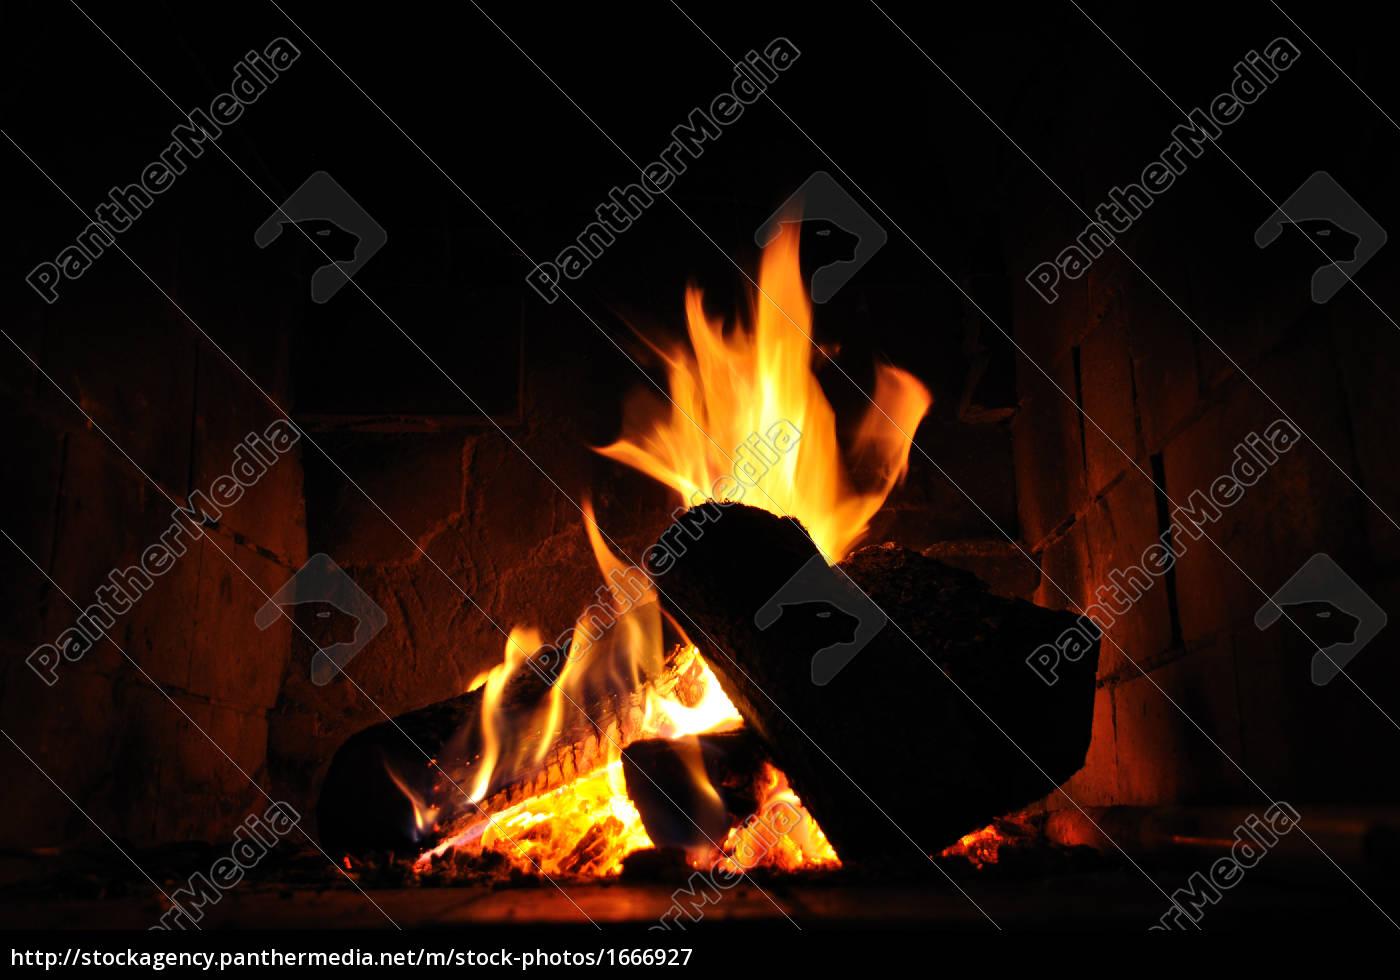 fire - 1666927